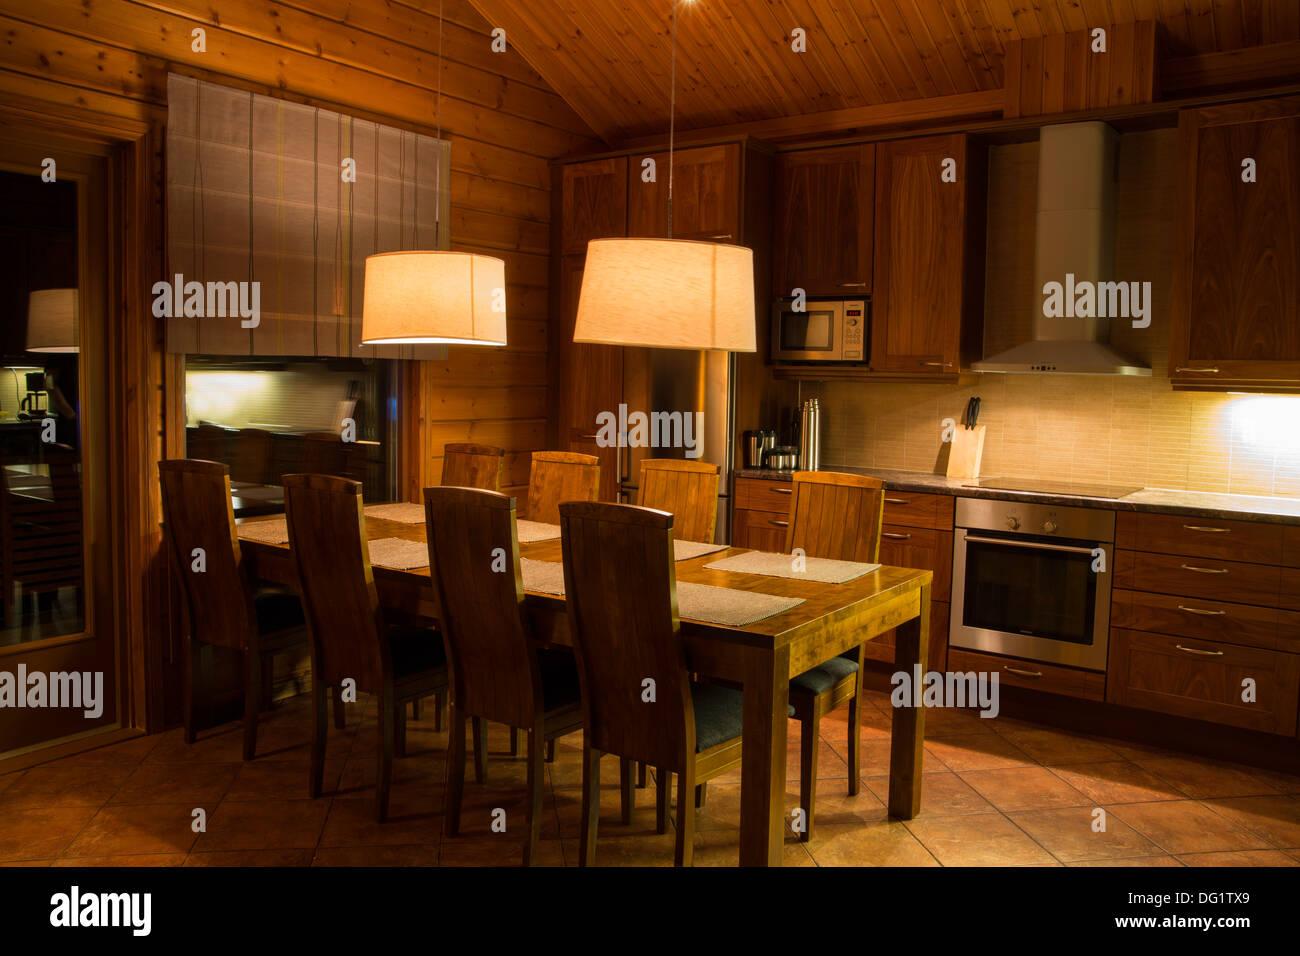 Casa de madera mesa y sillas cocina on line Foto & Imagen De ...